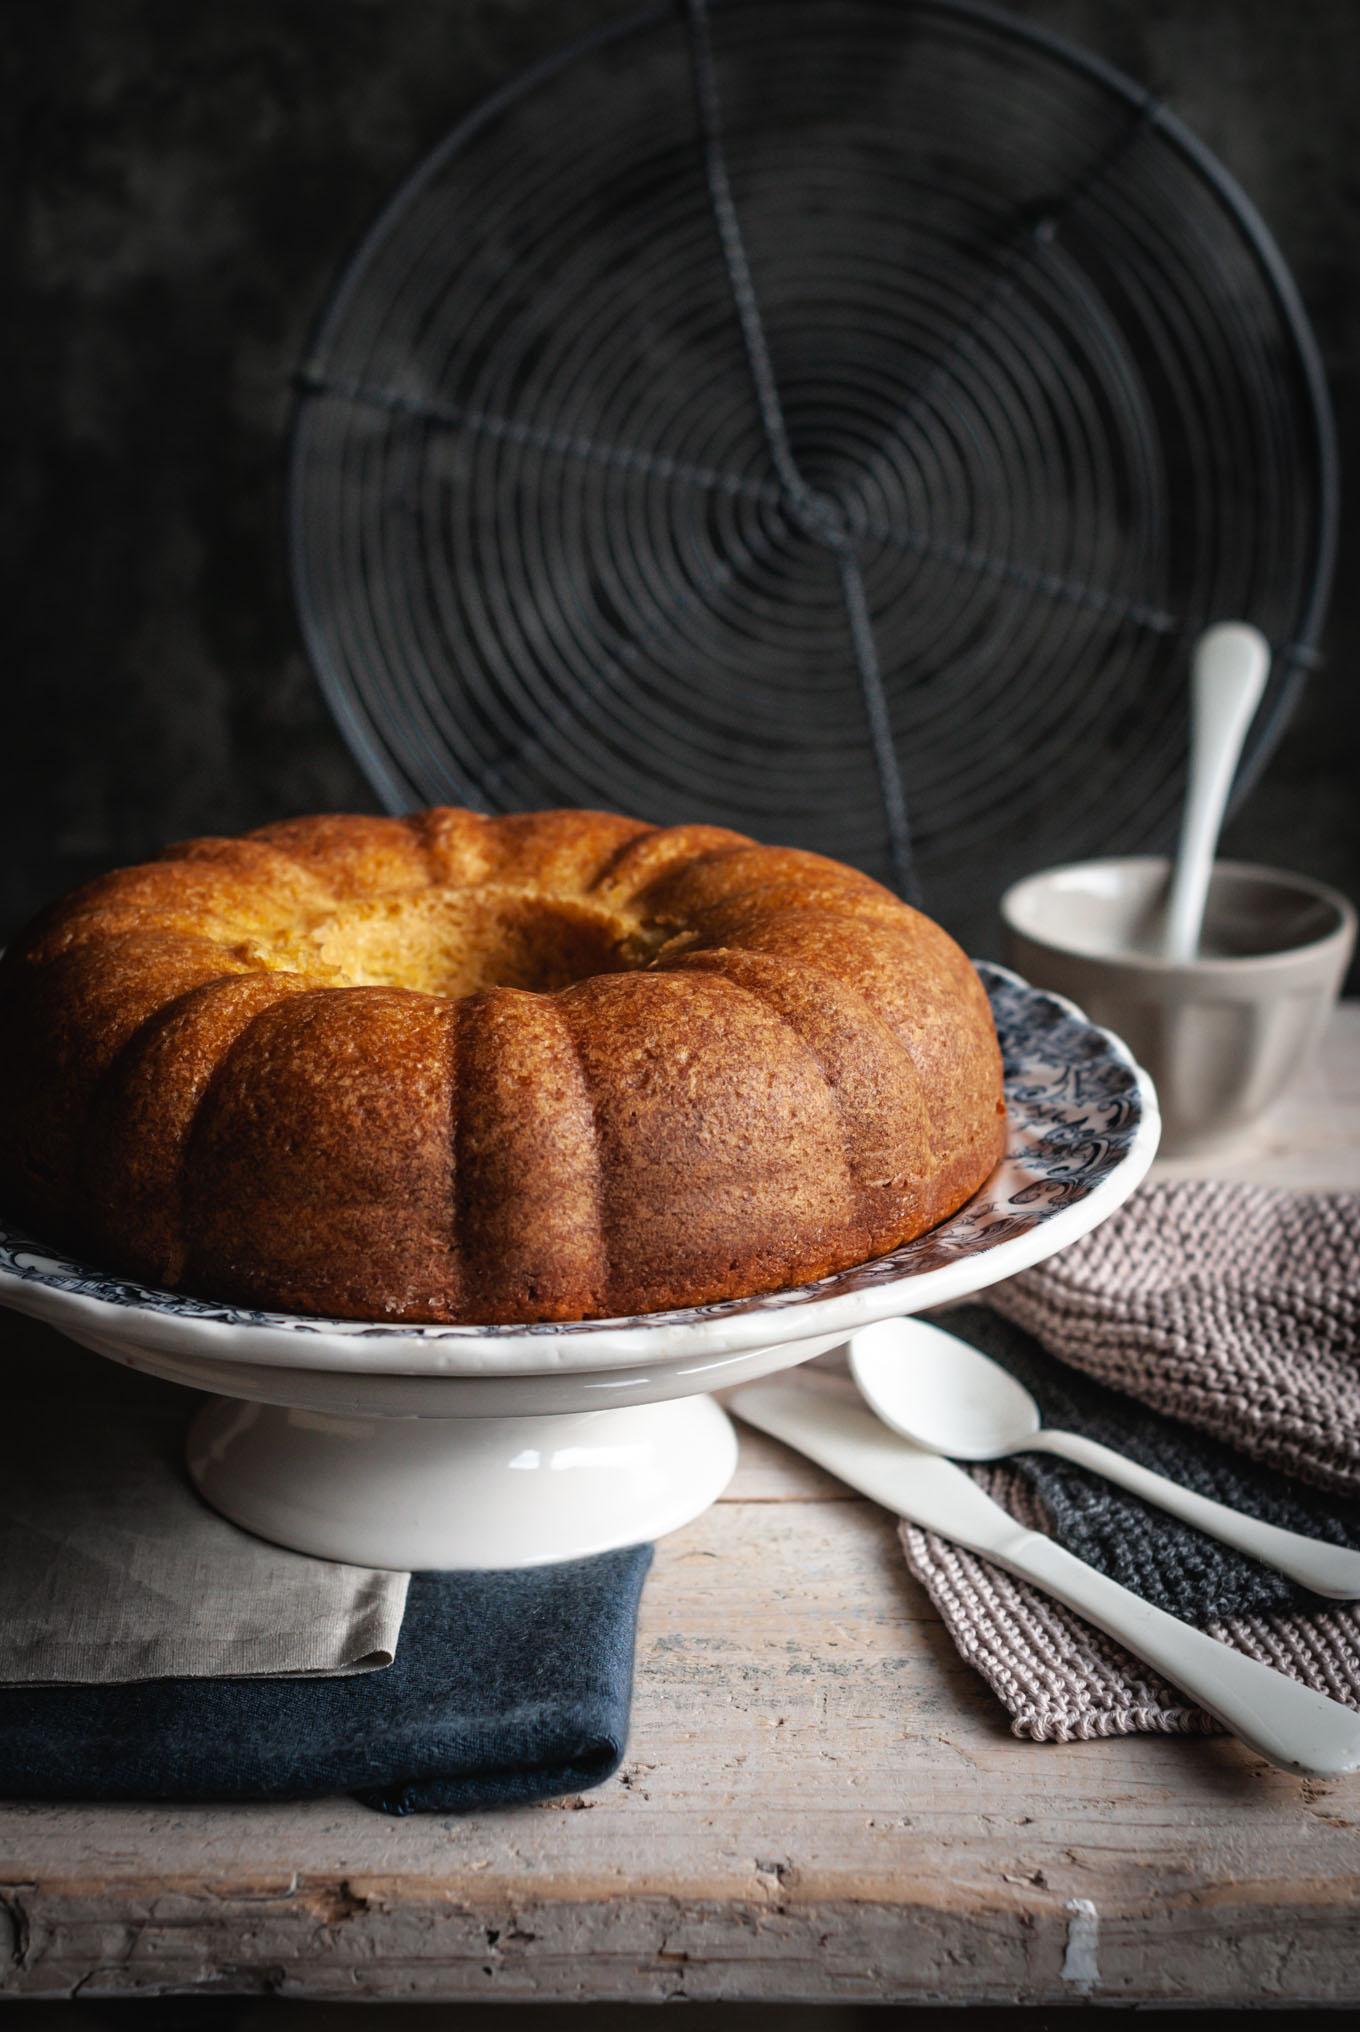 Bizcocho receta fácil de vainilla y ron en molde bundt